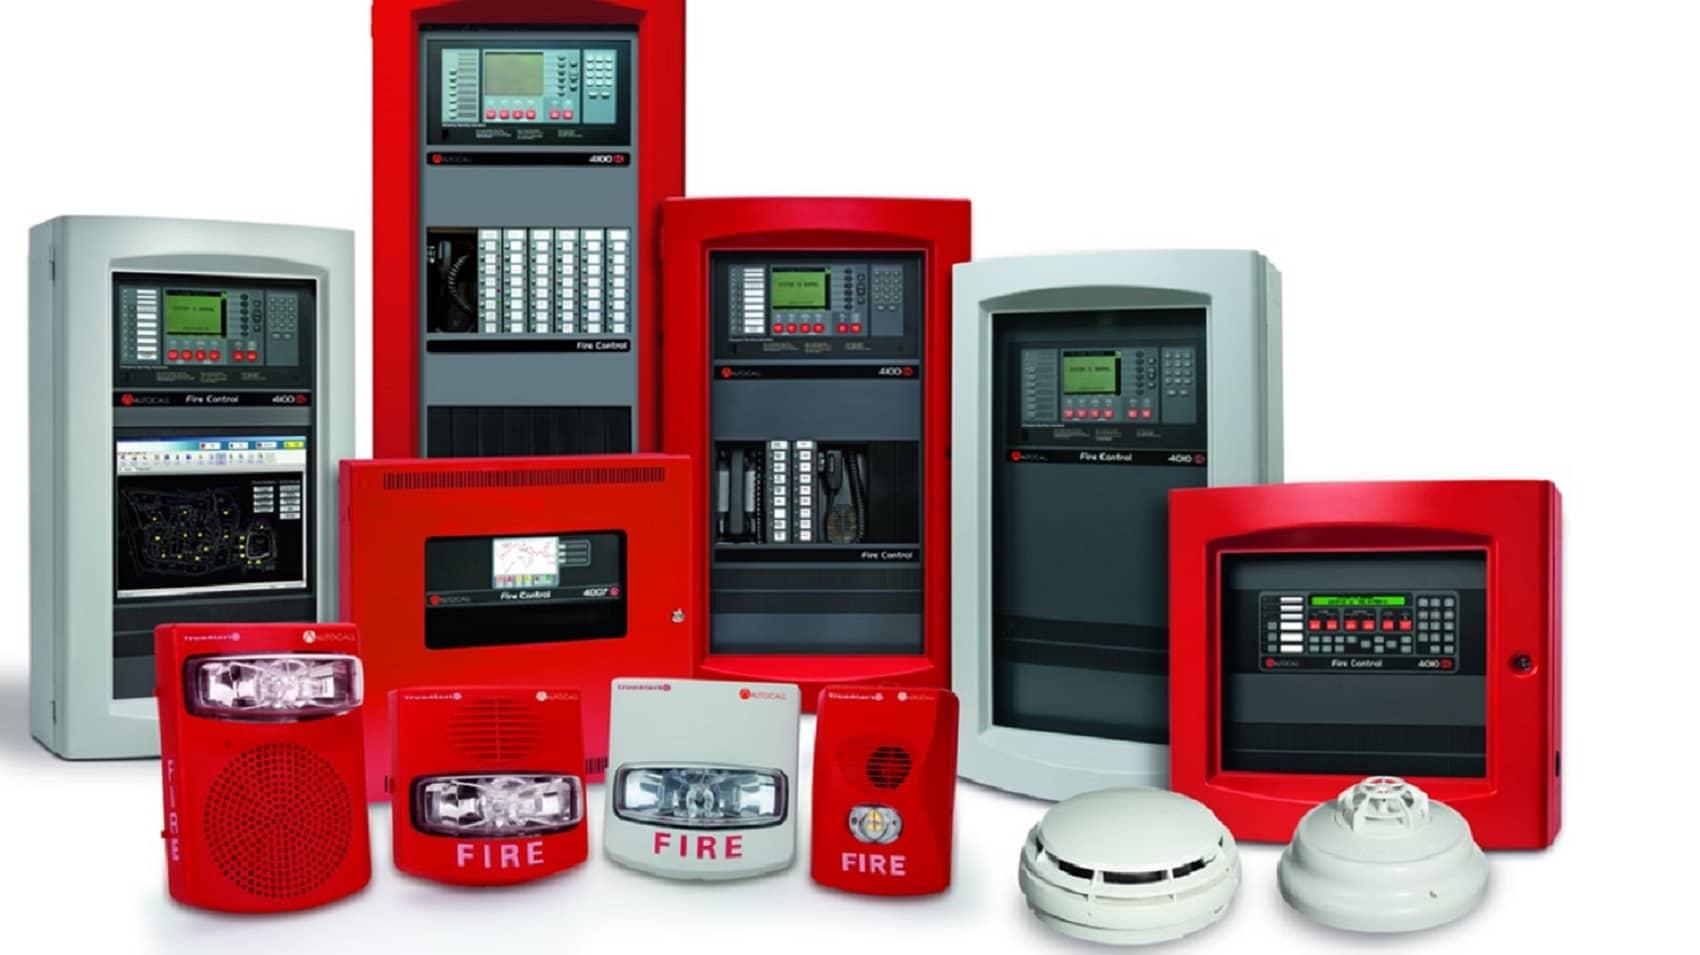 Lắp hệ thống báo cháy tự động